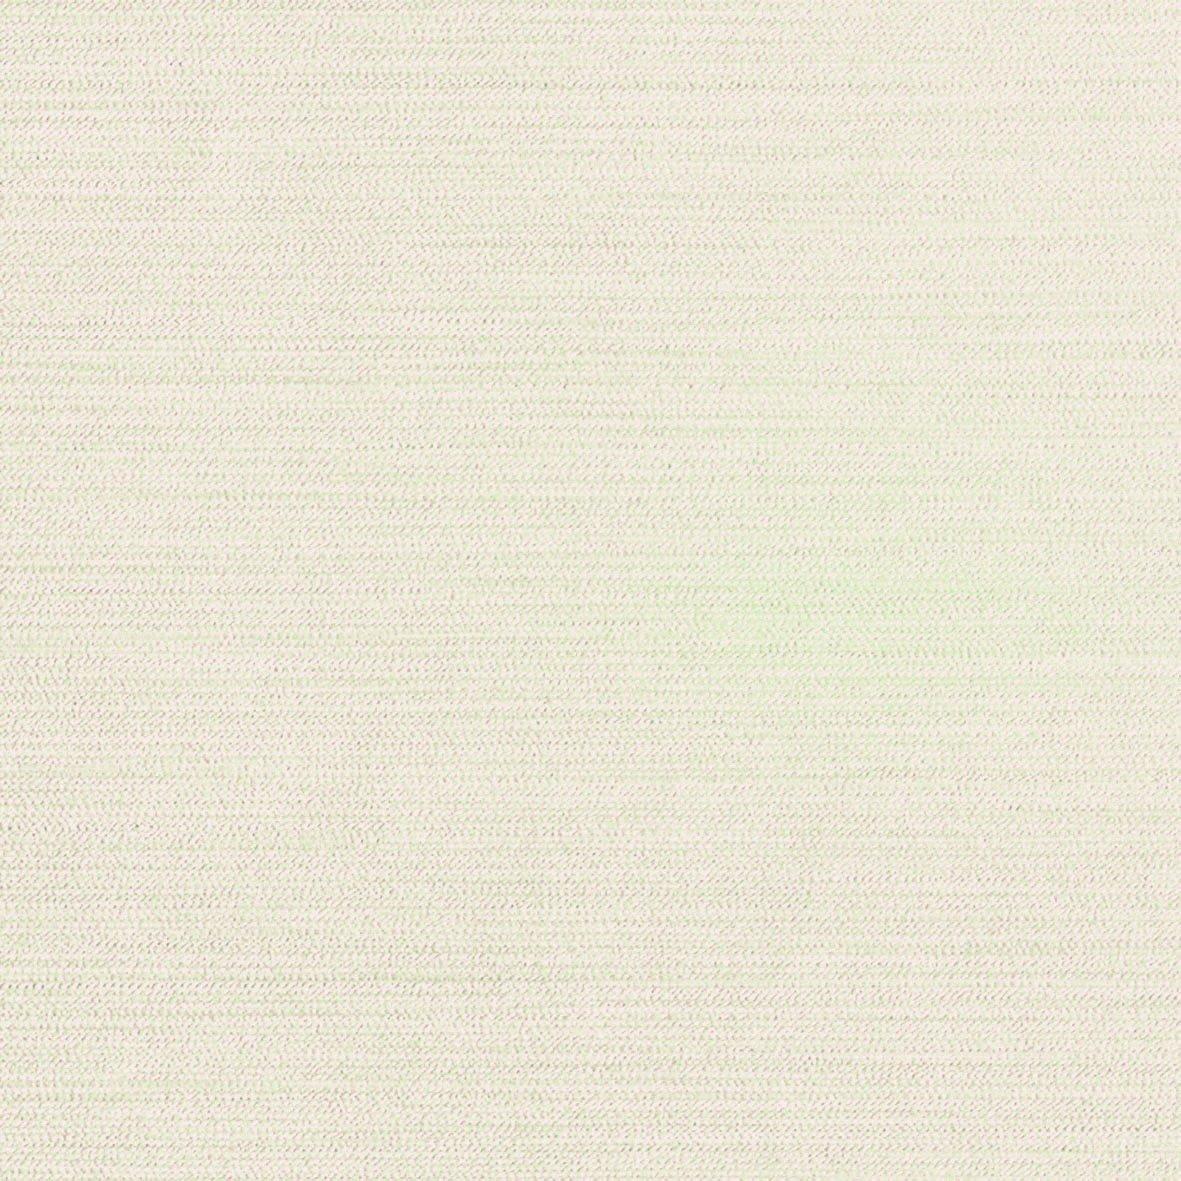 リリカラ 壁紙20m シンフル 無地 ベージュ LL-8589 B01MQFJF7S 20m|ベージュ1